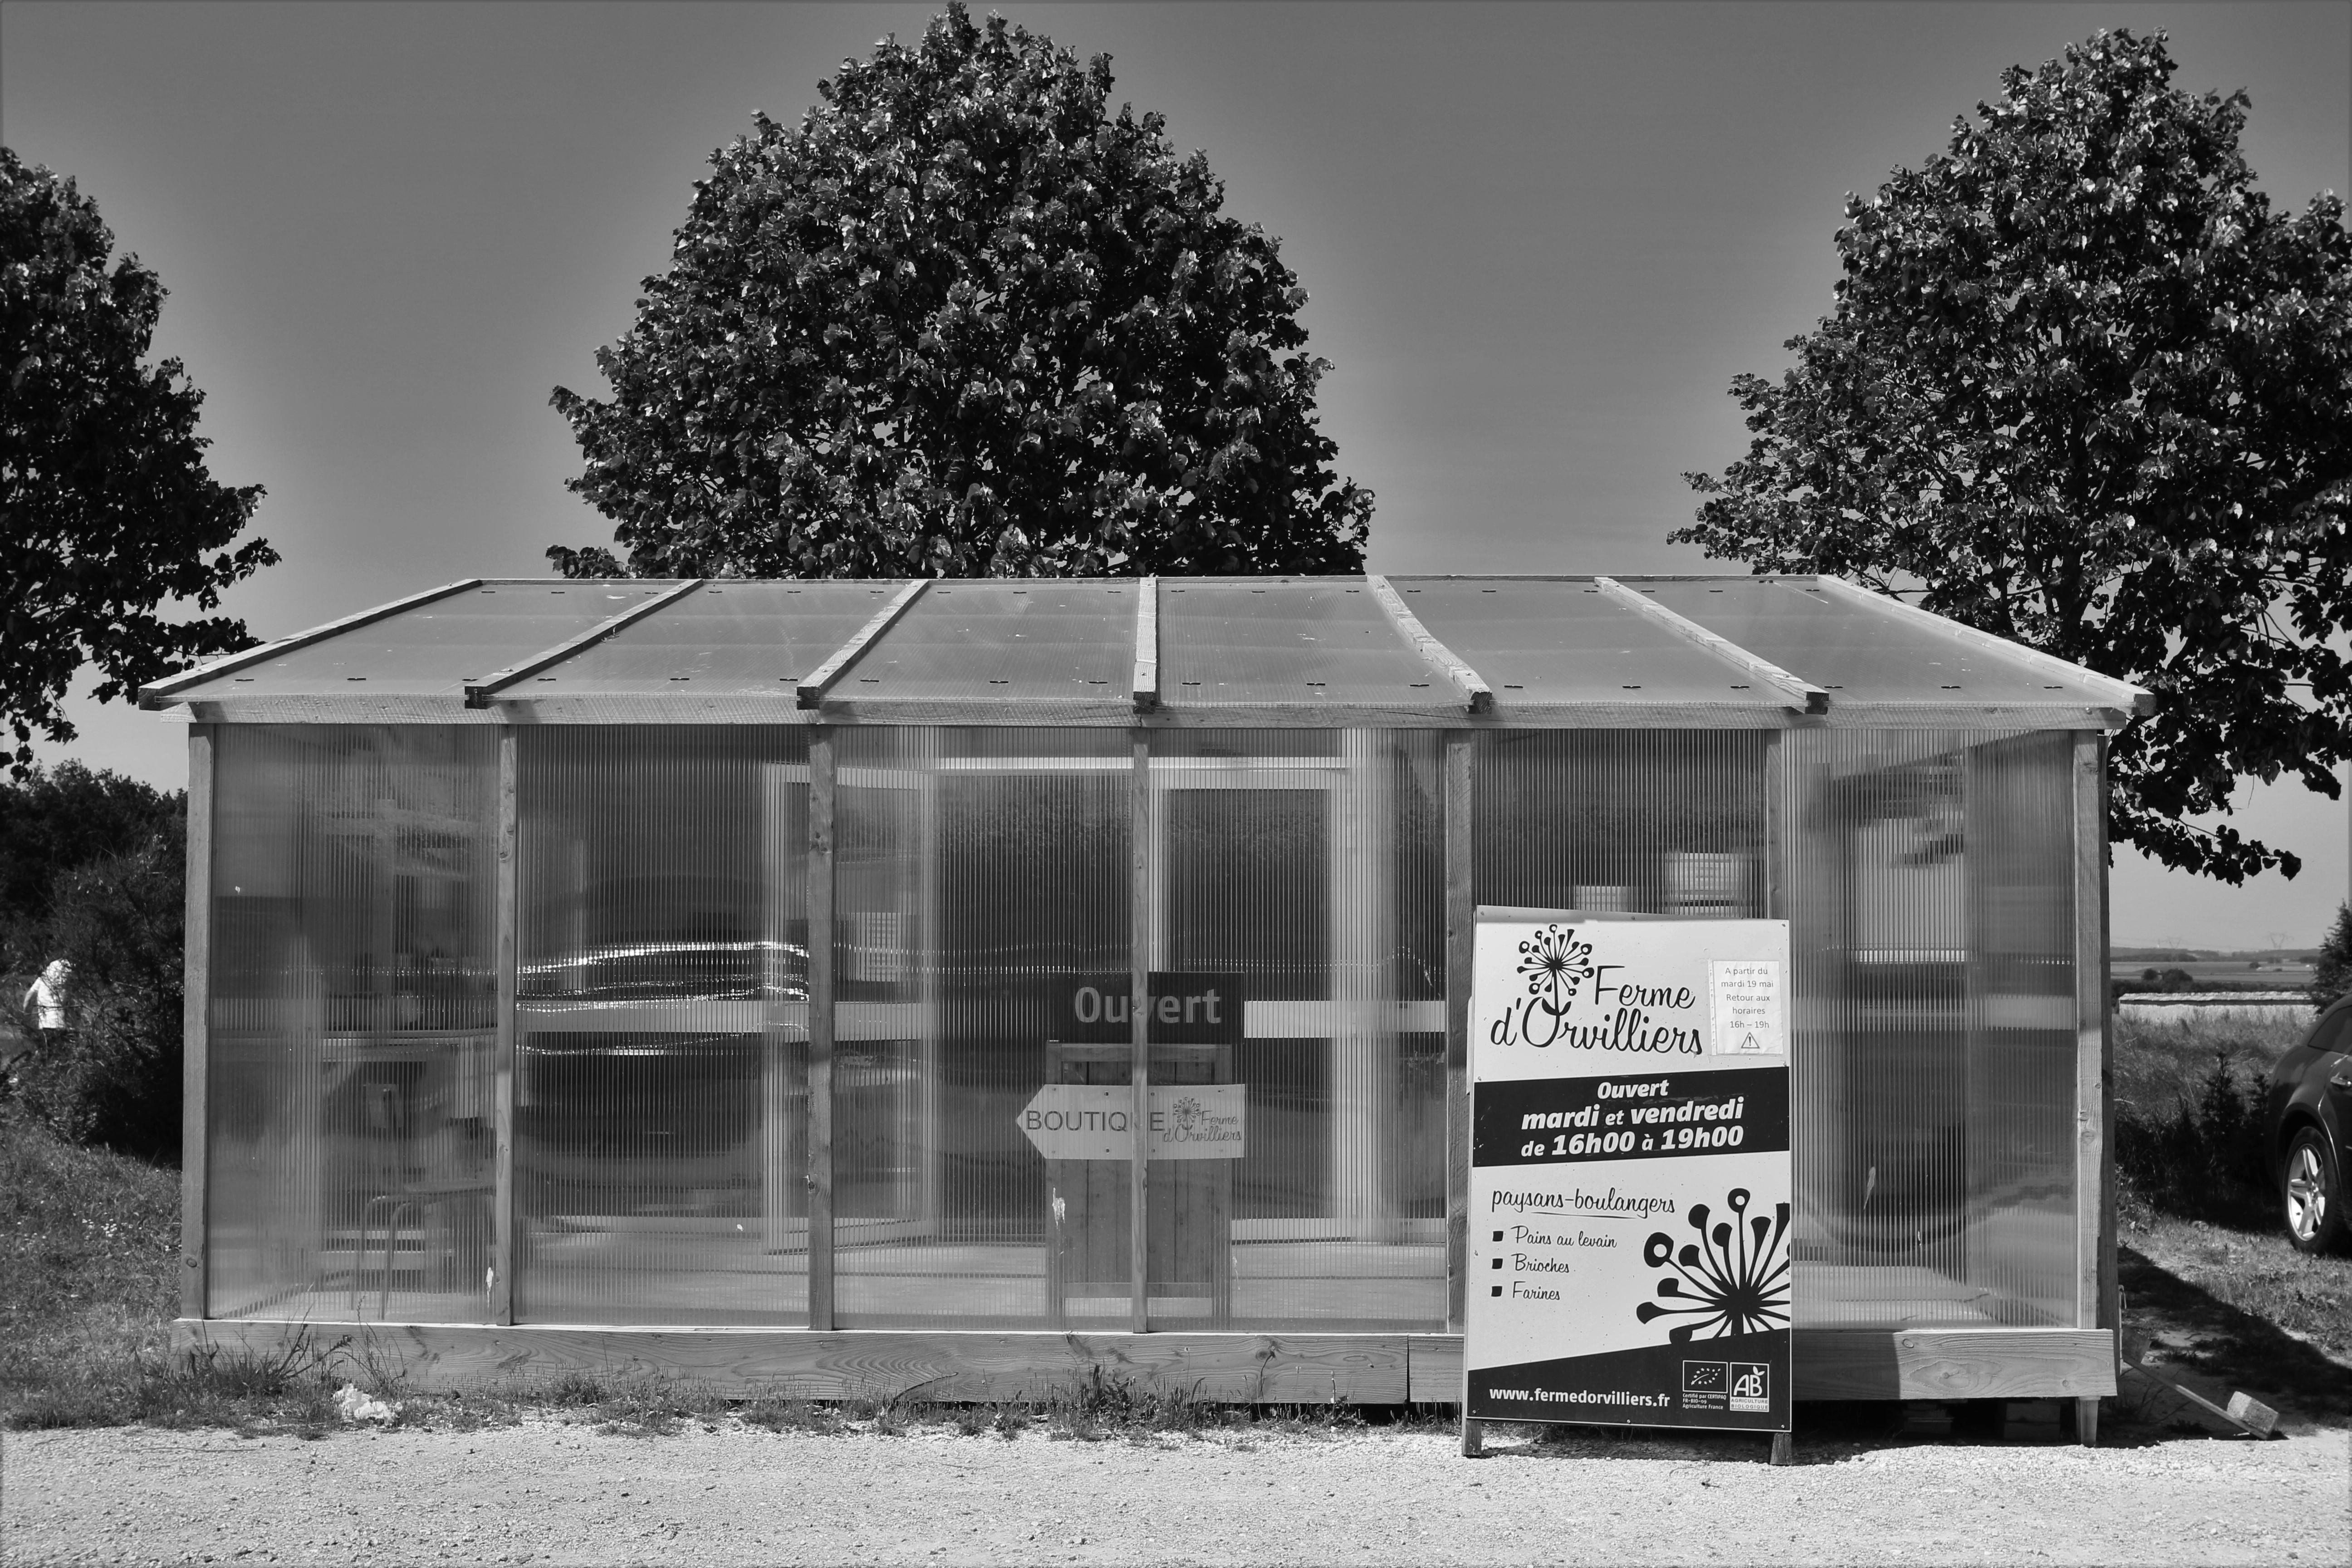 Boutique de la ferme d'Orvilliers (Marius Matty, Creative Commons, Pas d'utilisation commerciale 4.0 International)